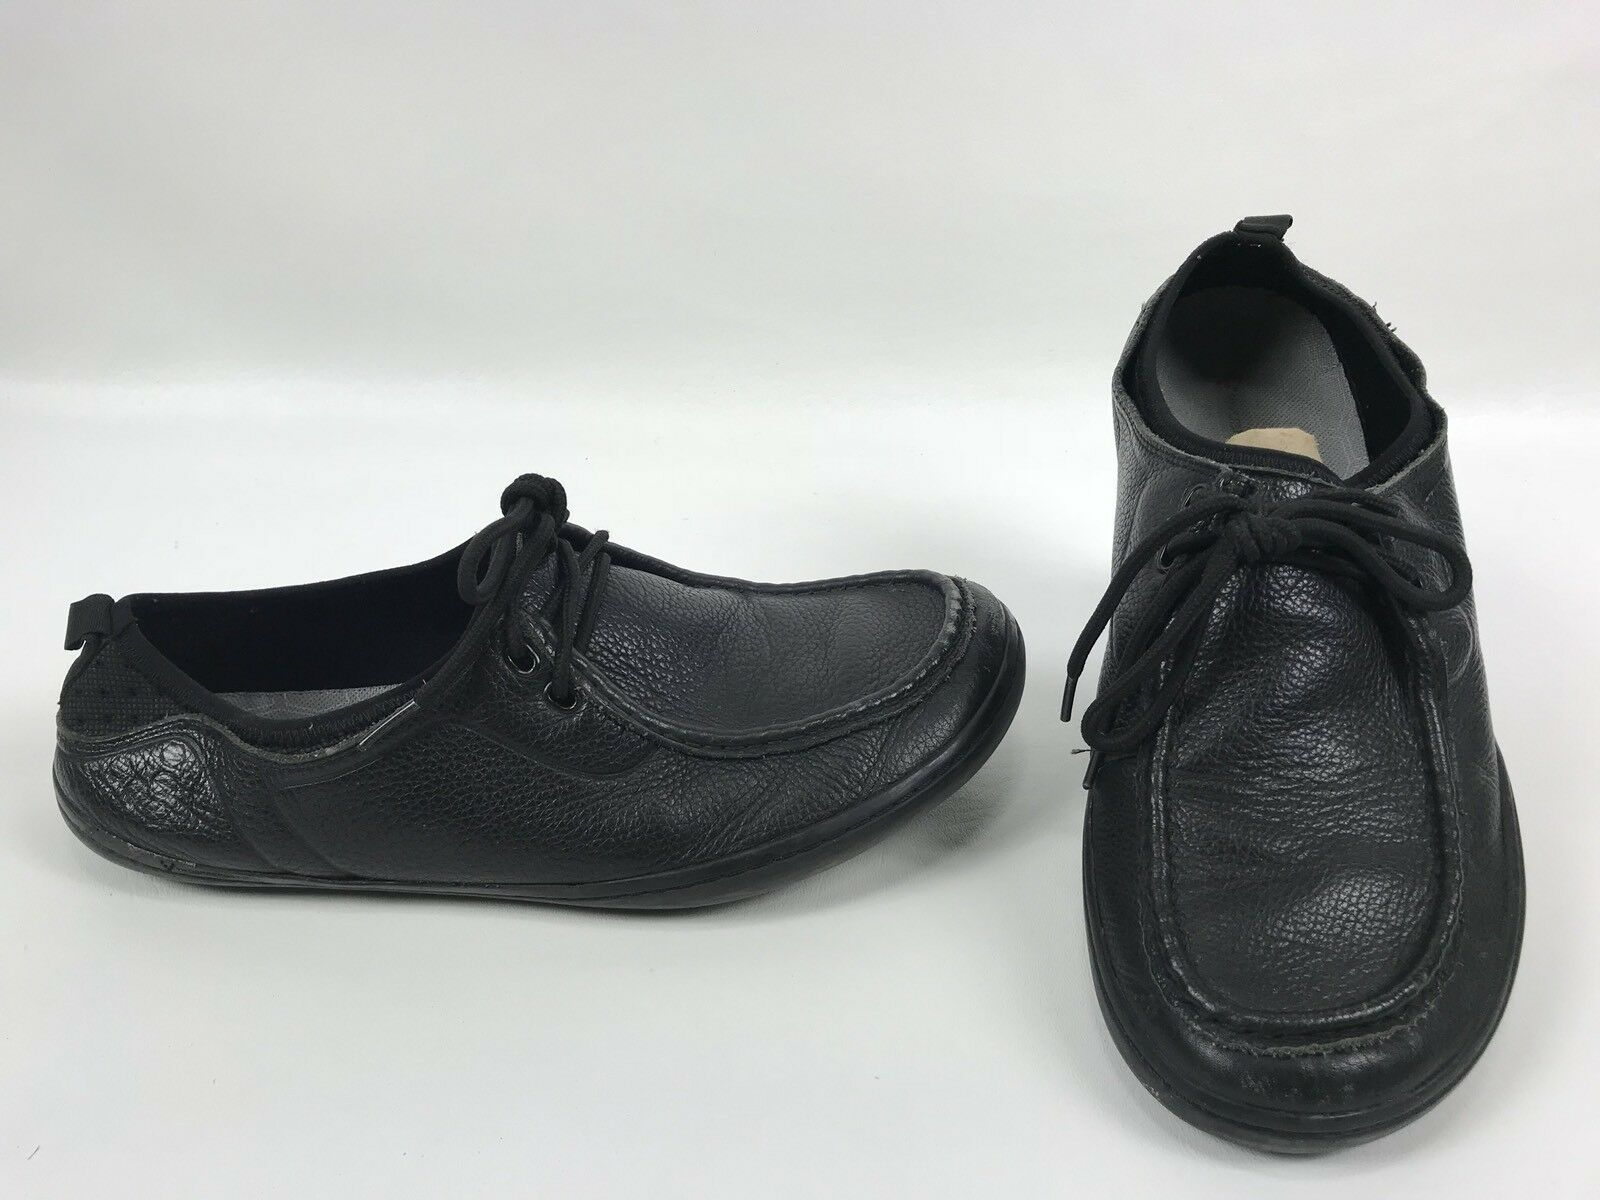 El hombre de Estados Unidos, Terra plana Moc, calzado negro.